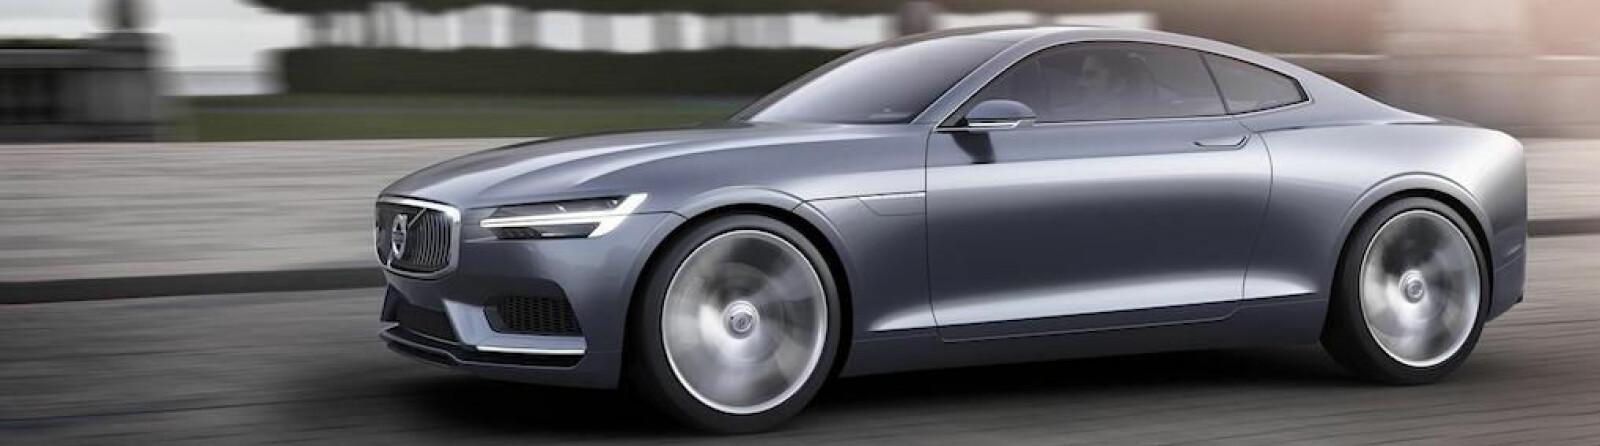 <b><SPAN CLASS=BOLD><STRONG>STILIG:</b></strong> </span>Volvo Concept Coupé fra 2013 var en todørs kupé som mange håpet Volvo ville sette i produksjon. I dag vet vi at dette ble forløperen til Polestar 1.